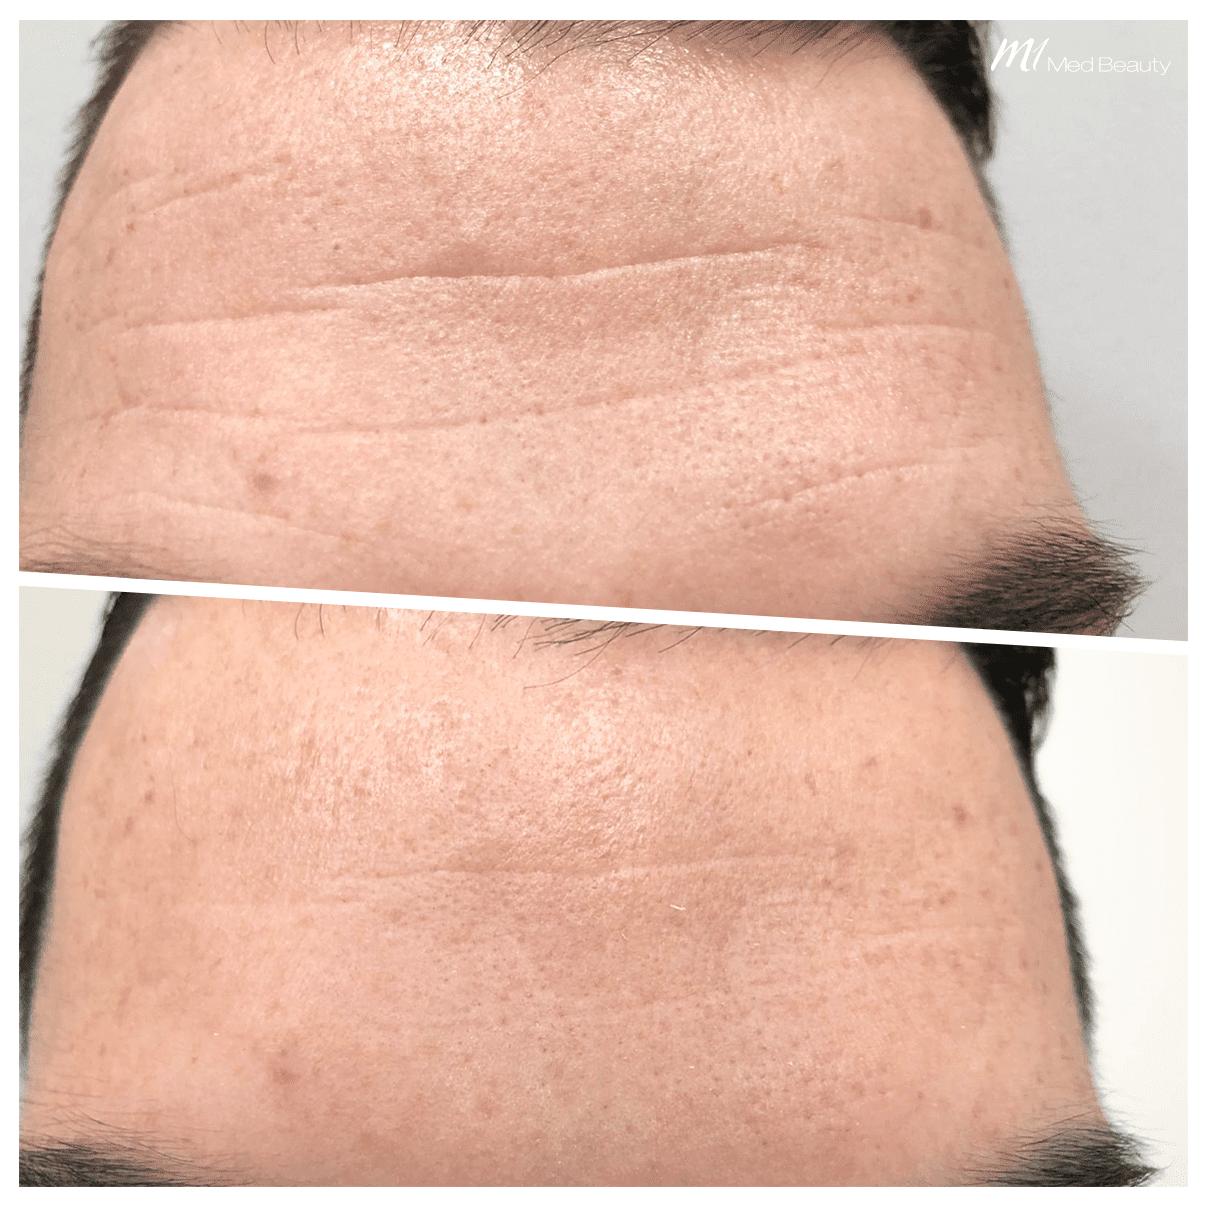 Voorhoofdsrimpels Behandling - M1 Med Beauty client